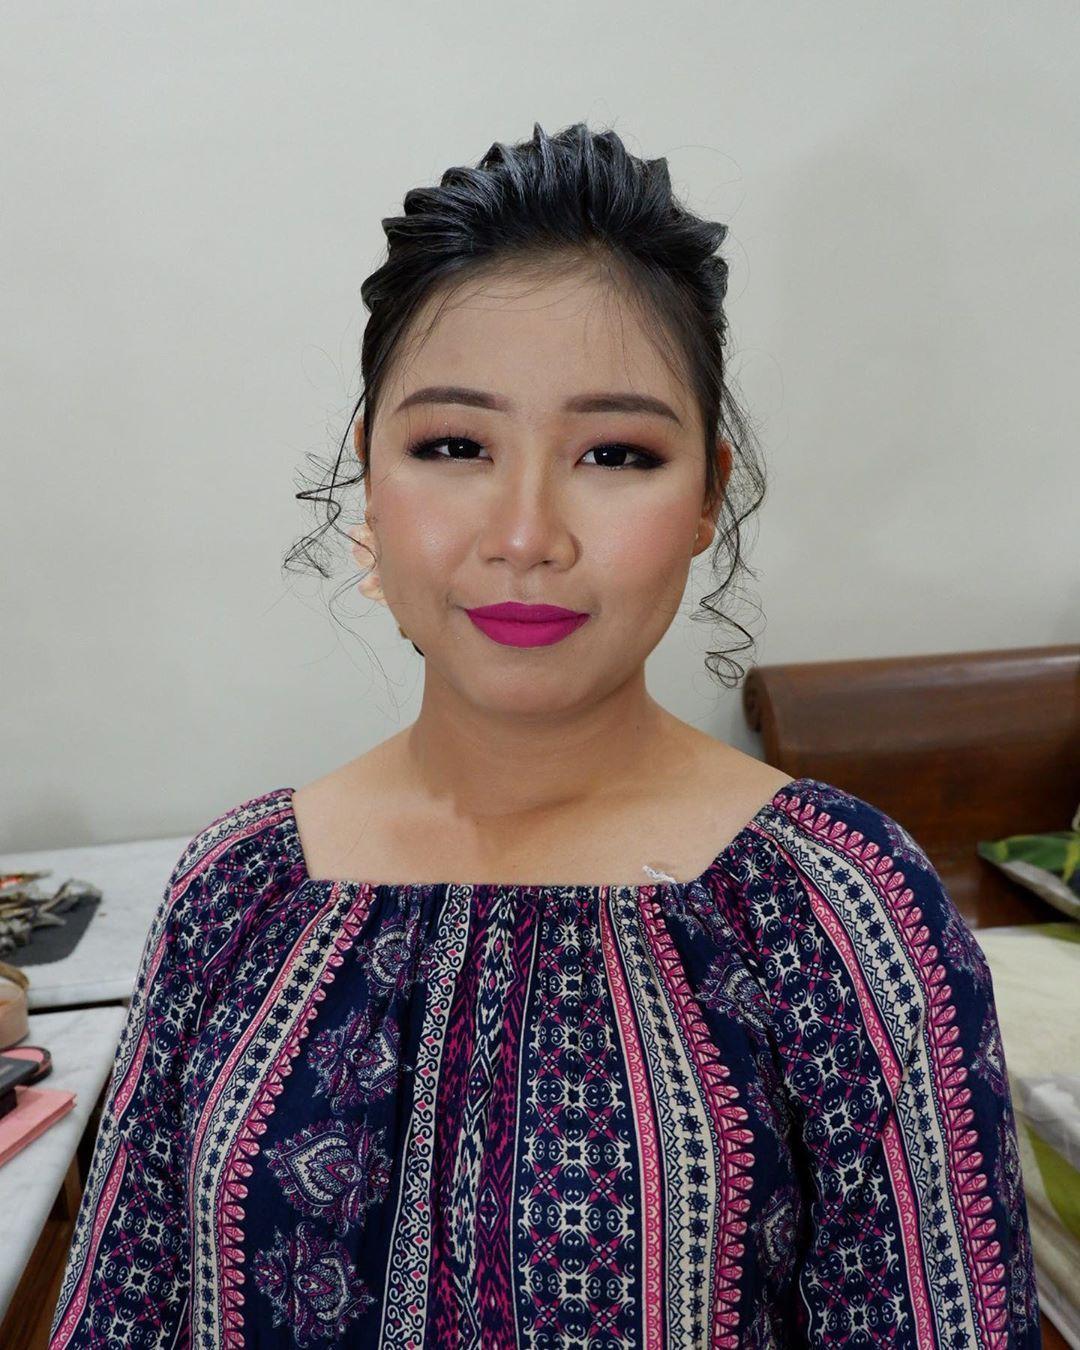 makeuptutorial makeupnatural makeupparty partymakeuplook